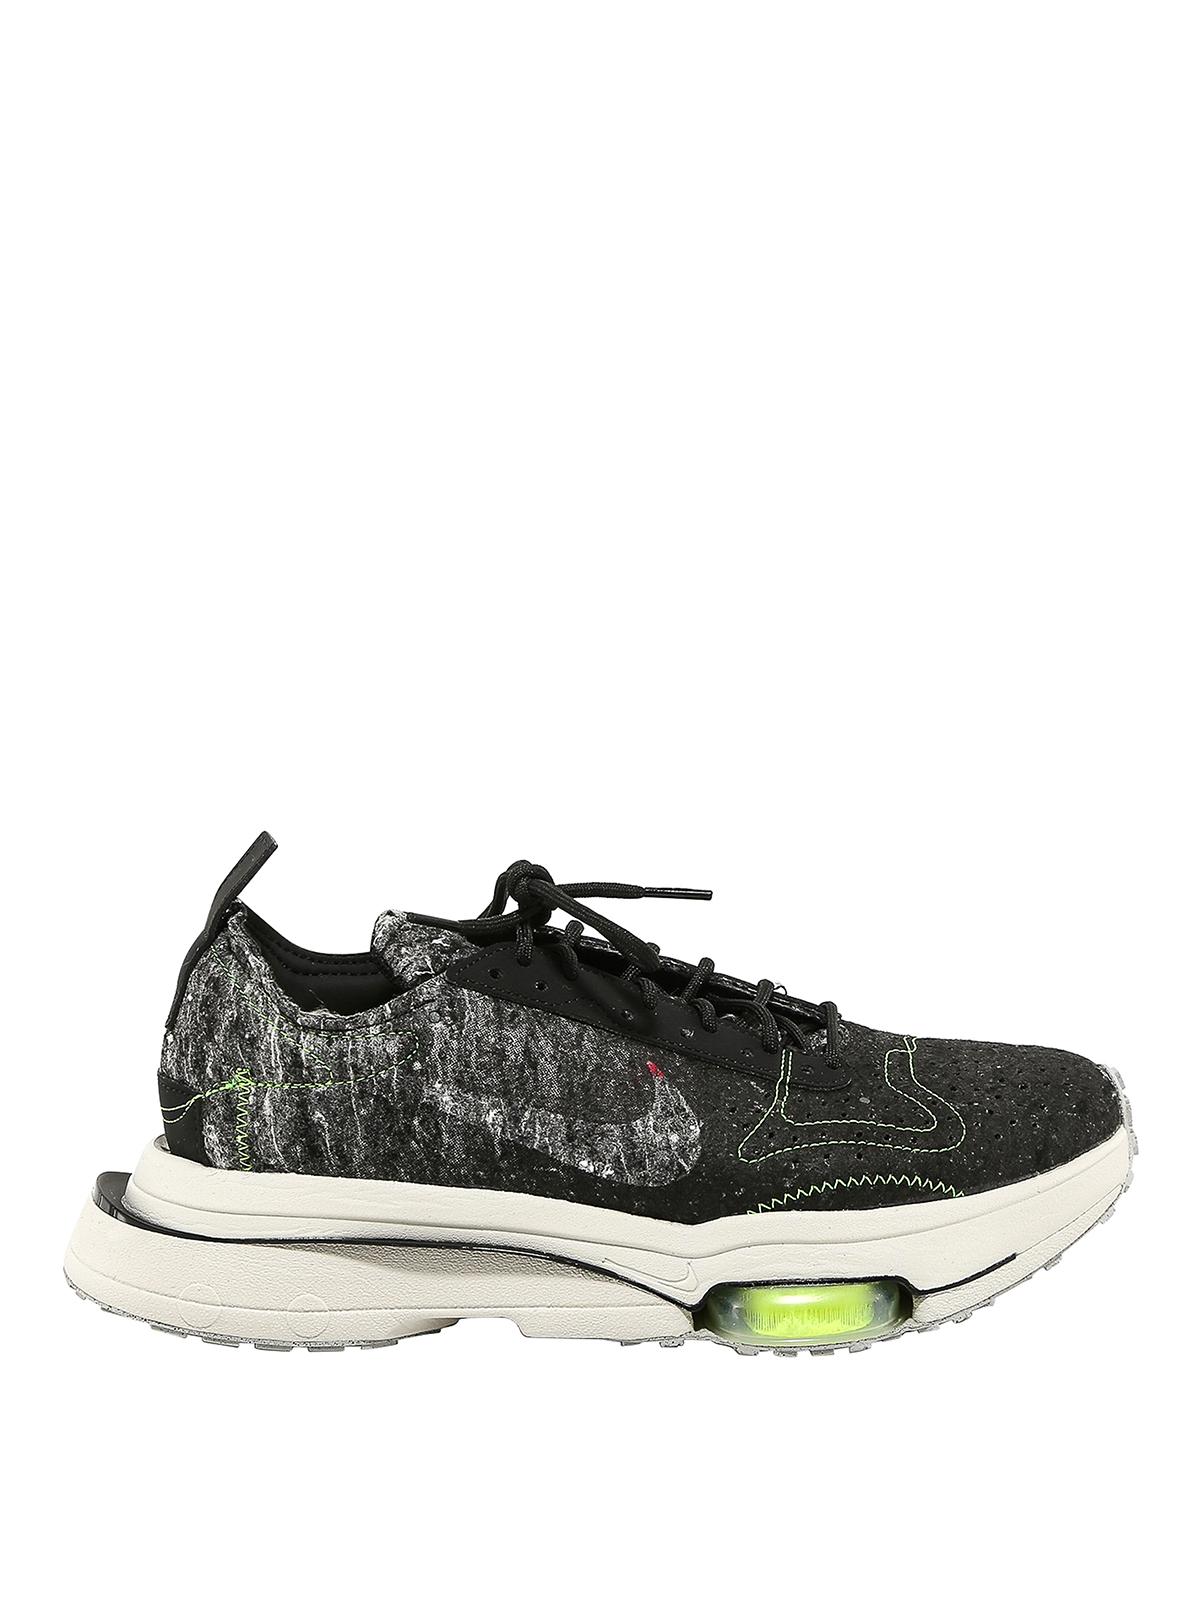 Nike AIR ZOOM SNEAKERS